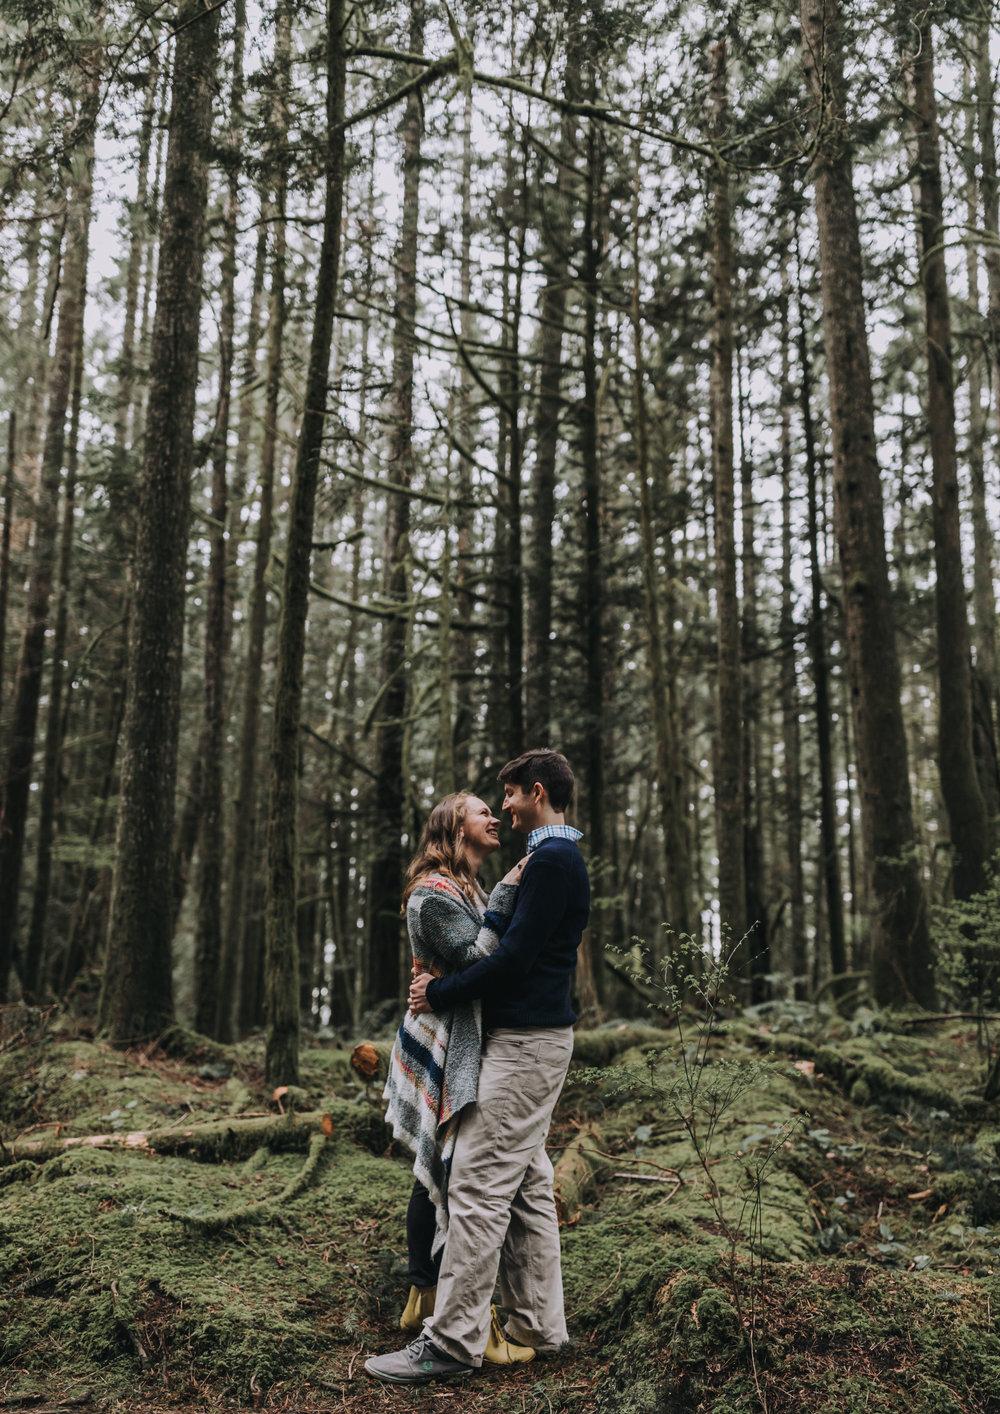 Forest Engagement Photos - Sunshine Coast BC Engagement Photos -  Sunshine Coast Wedding Photographer - Vancouver Wedding Photographer - Jennifer Picard415.JPG